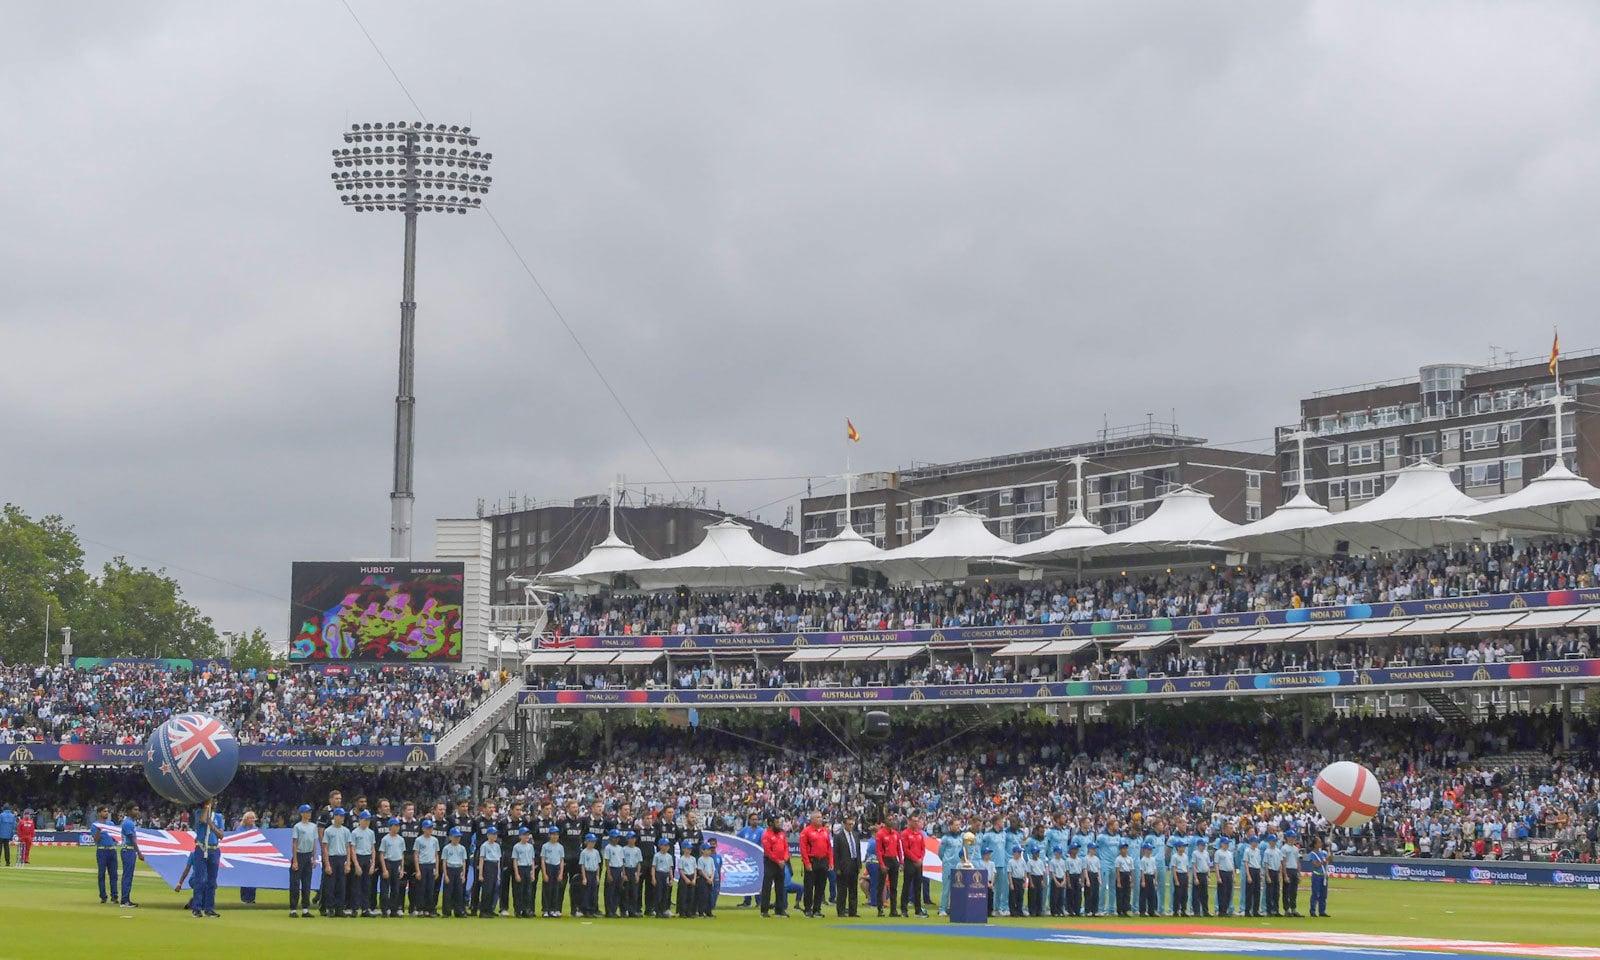 میچ سے قبل دونوں ٹیموں کا قومی ترانہ بجایا گیا— فوٹو: اے ایف پی